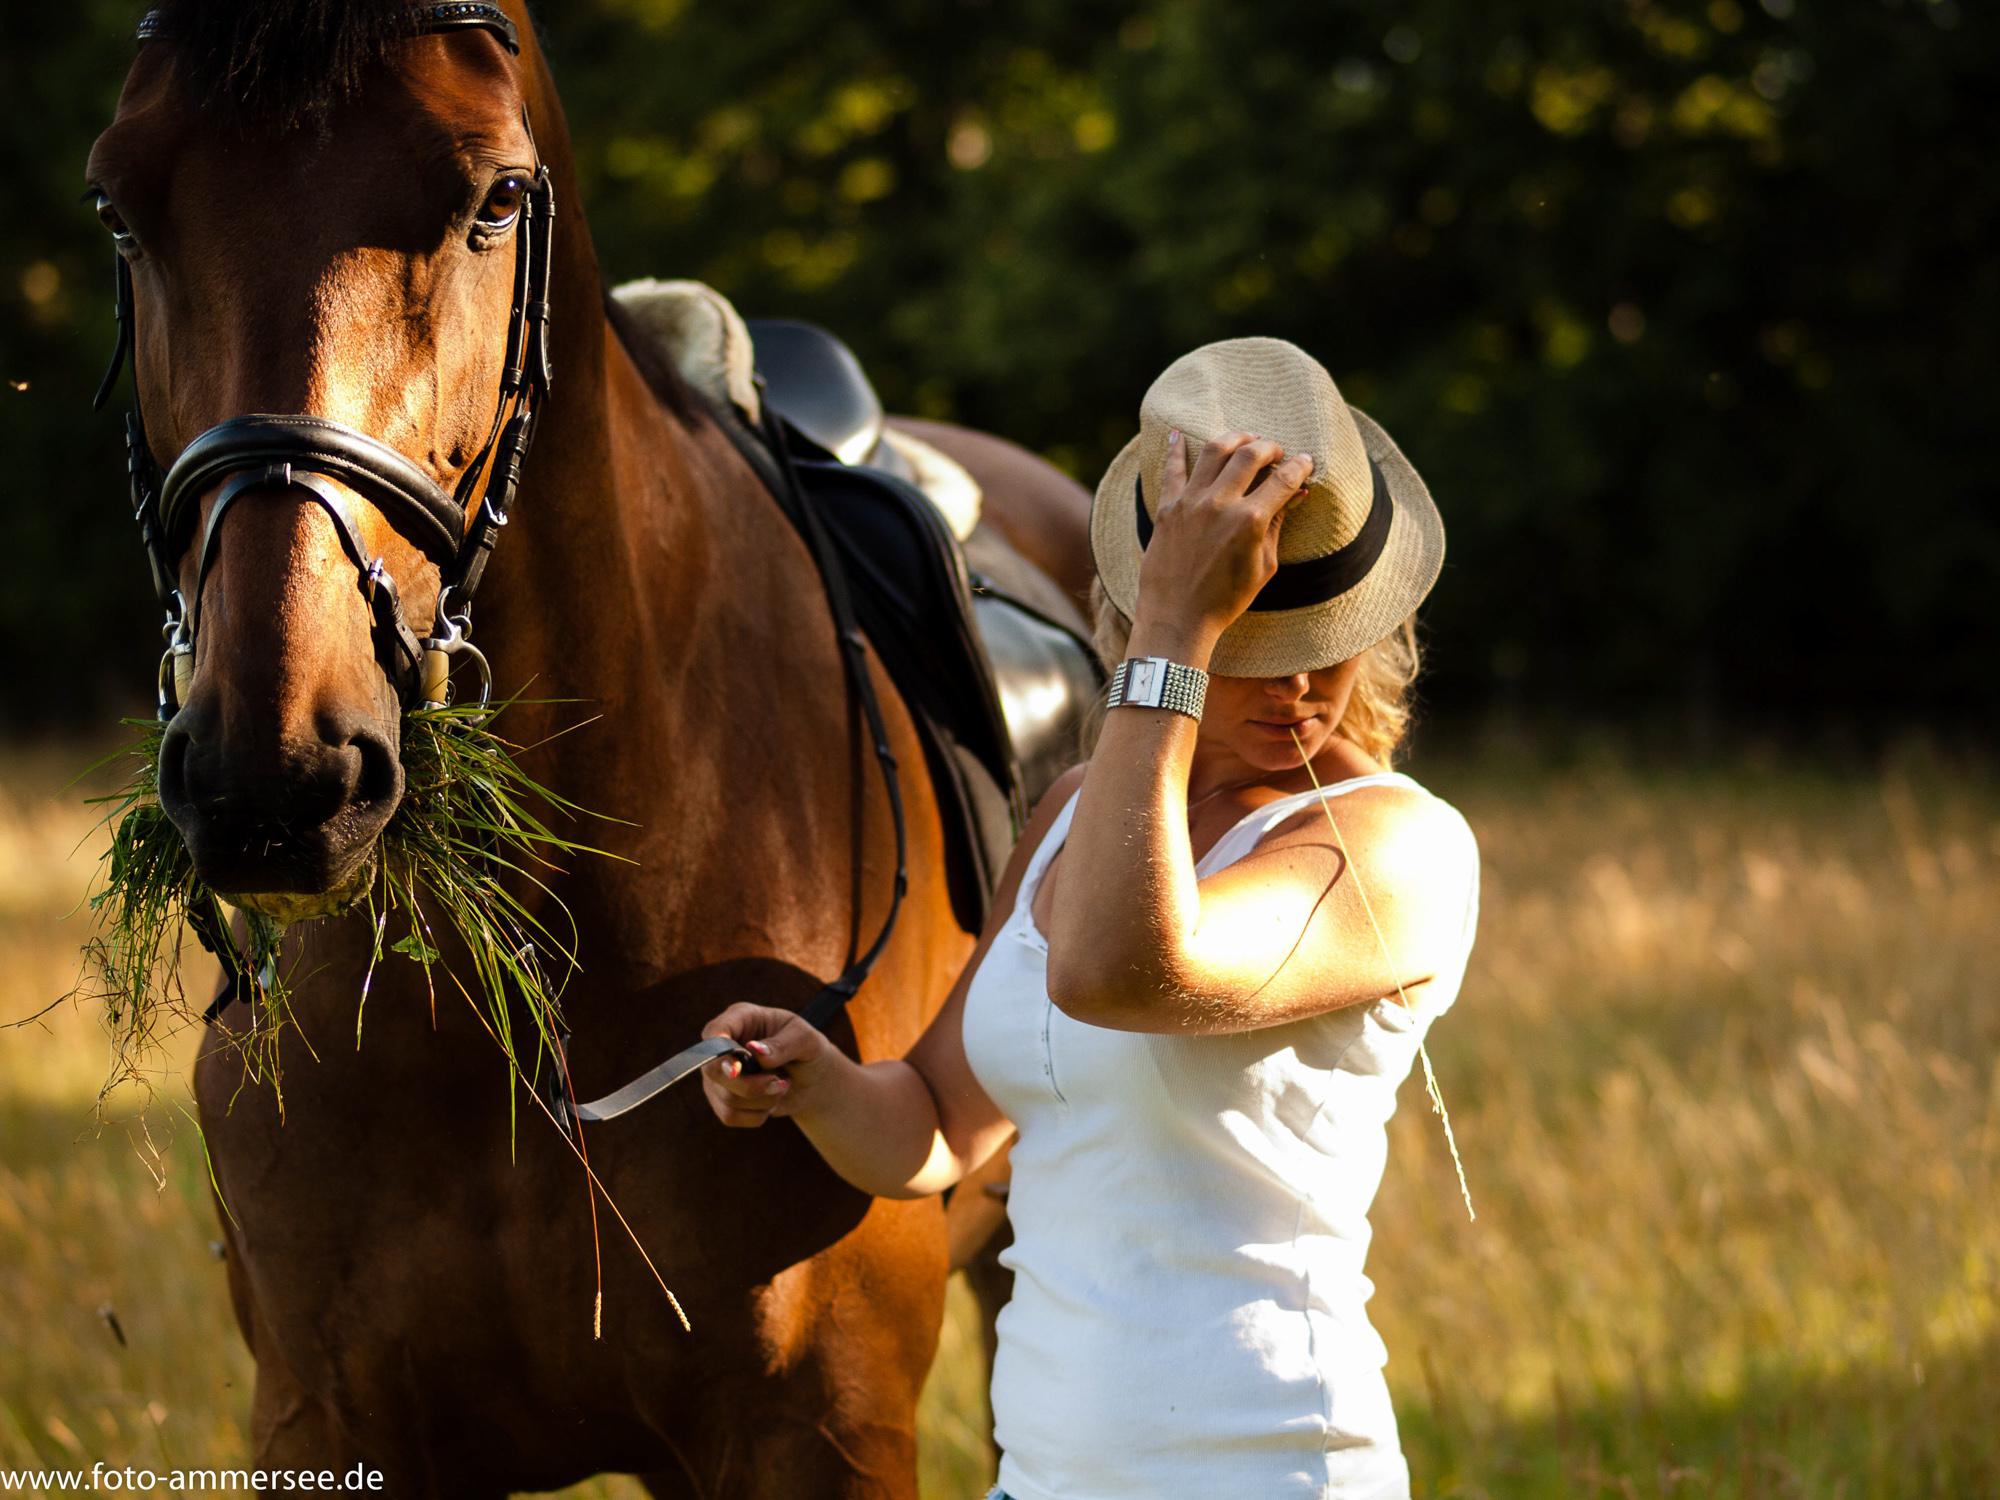 Morgenstund' auf dem Rücken der Pferde